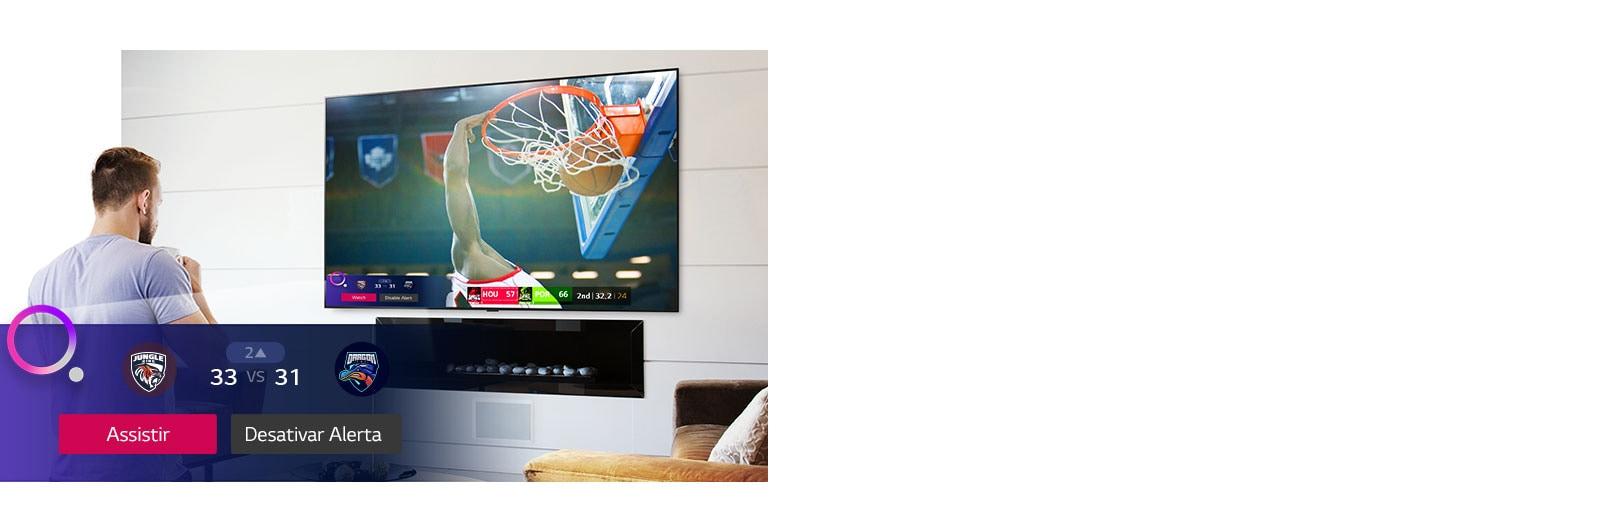 Tela de TV mostrando uma cena de um jogo de basquete com o Sports Alert na tela